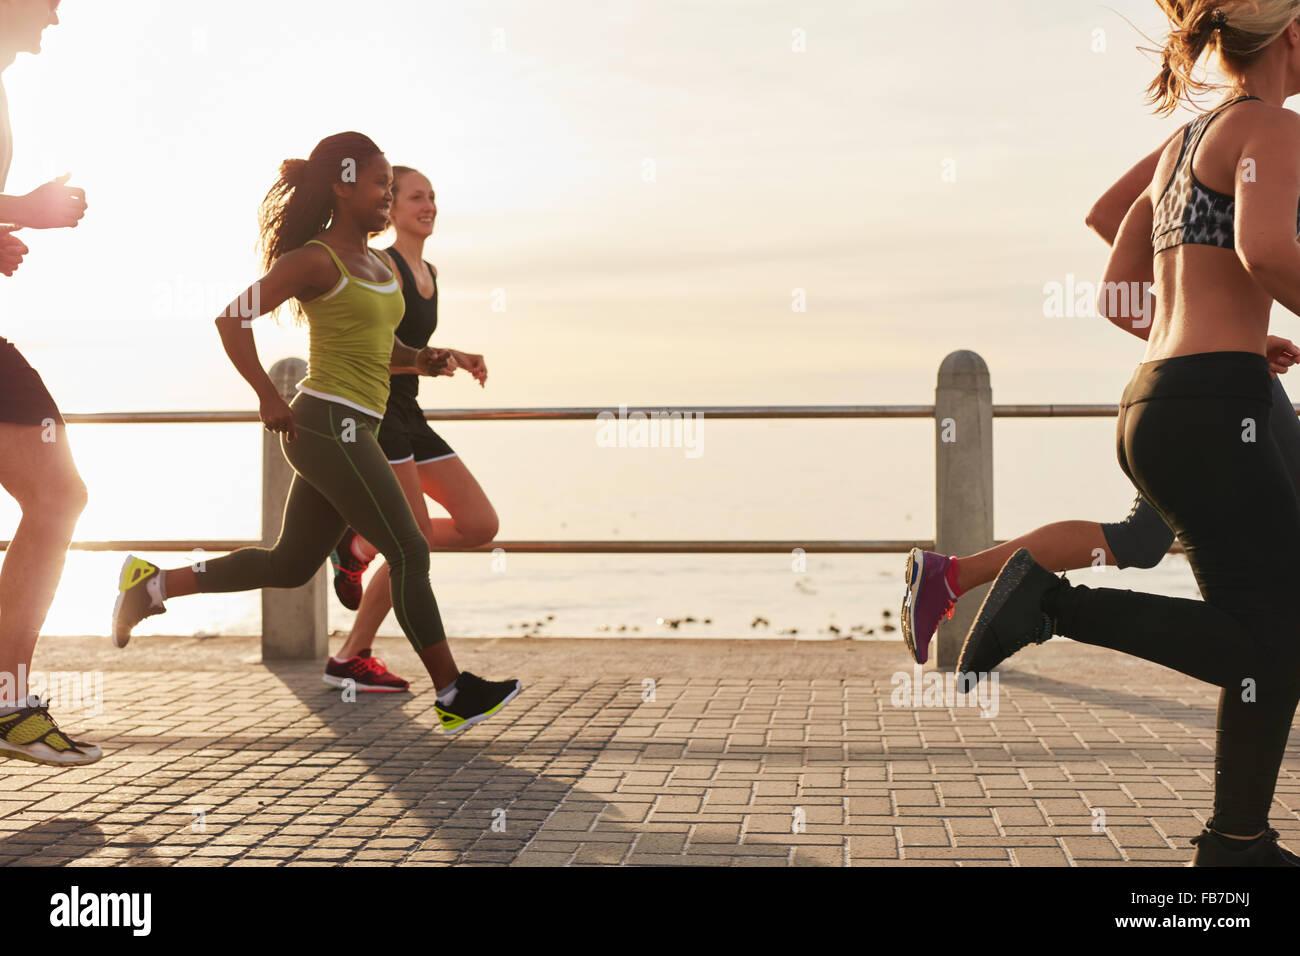 Junge Frau mit Freunden auf der Promenade am Meer bei Sonnenuntergang ausgeführt. Passen Sie junge Leute laufen Stockbild